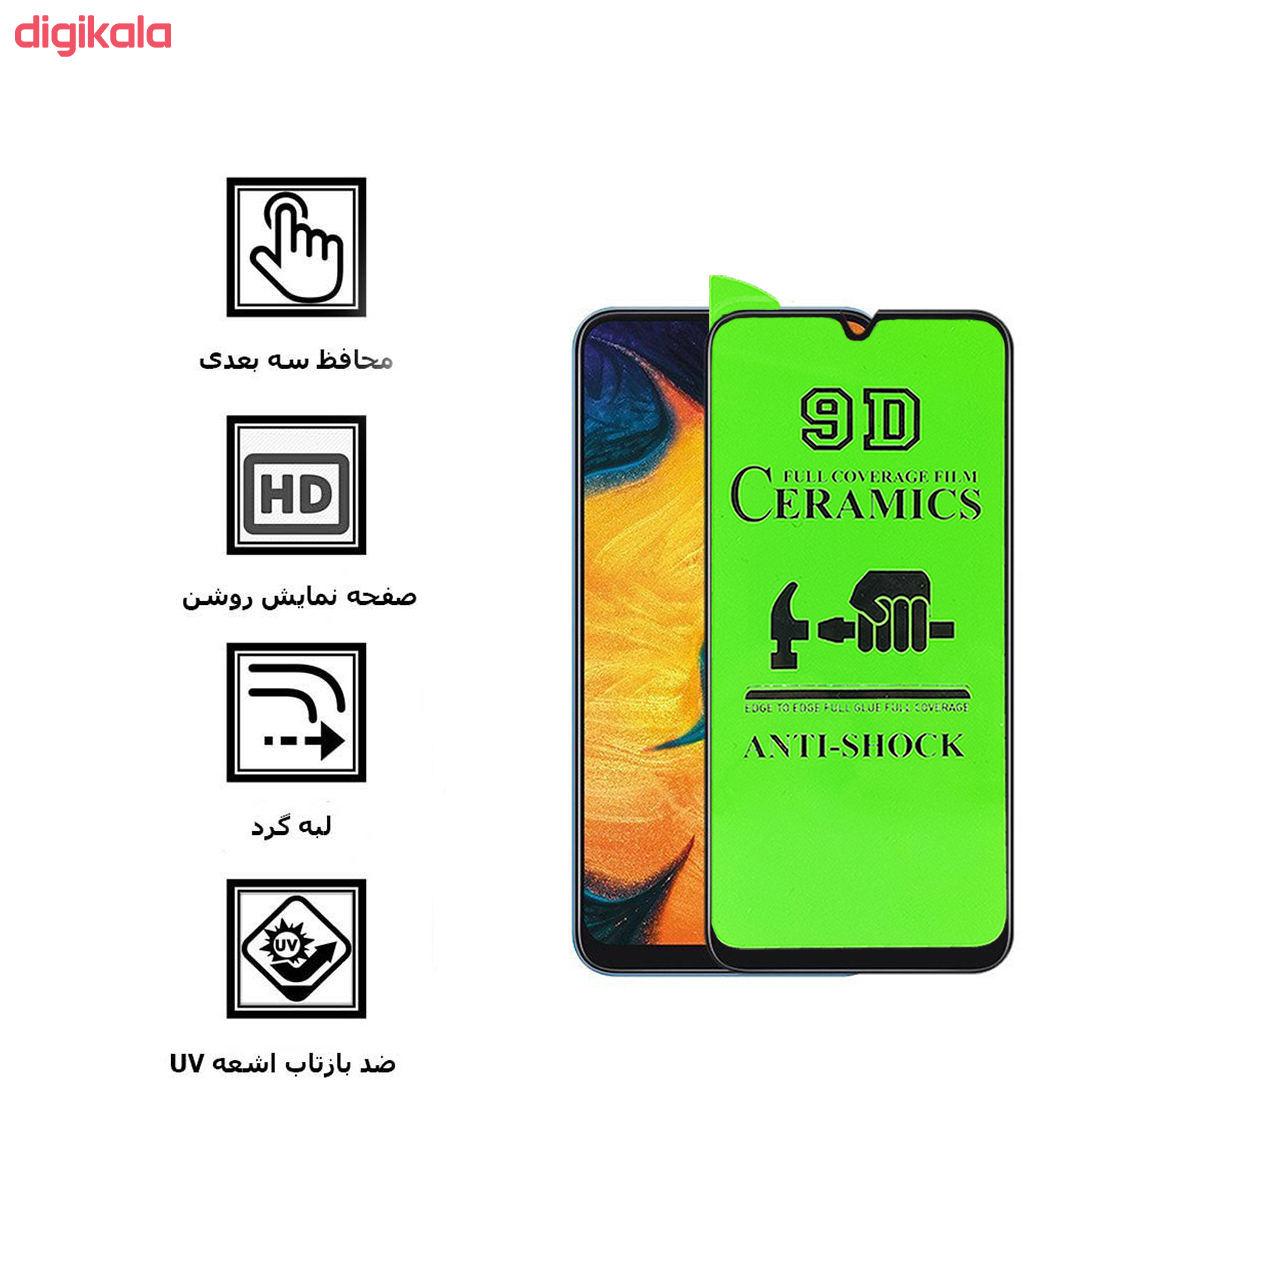 محافظ صفحه نمایش مدل R_CRG مناسب برای گوشی موبایل سامسونگ Galaxy A50 main 1 1